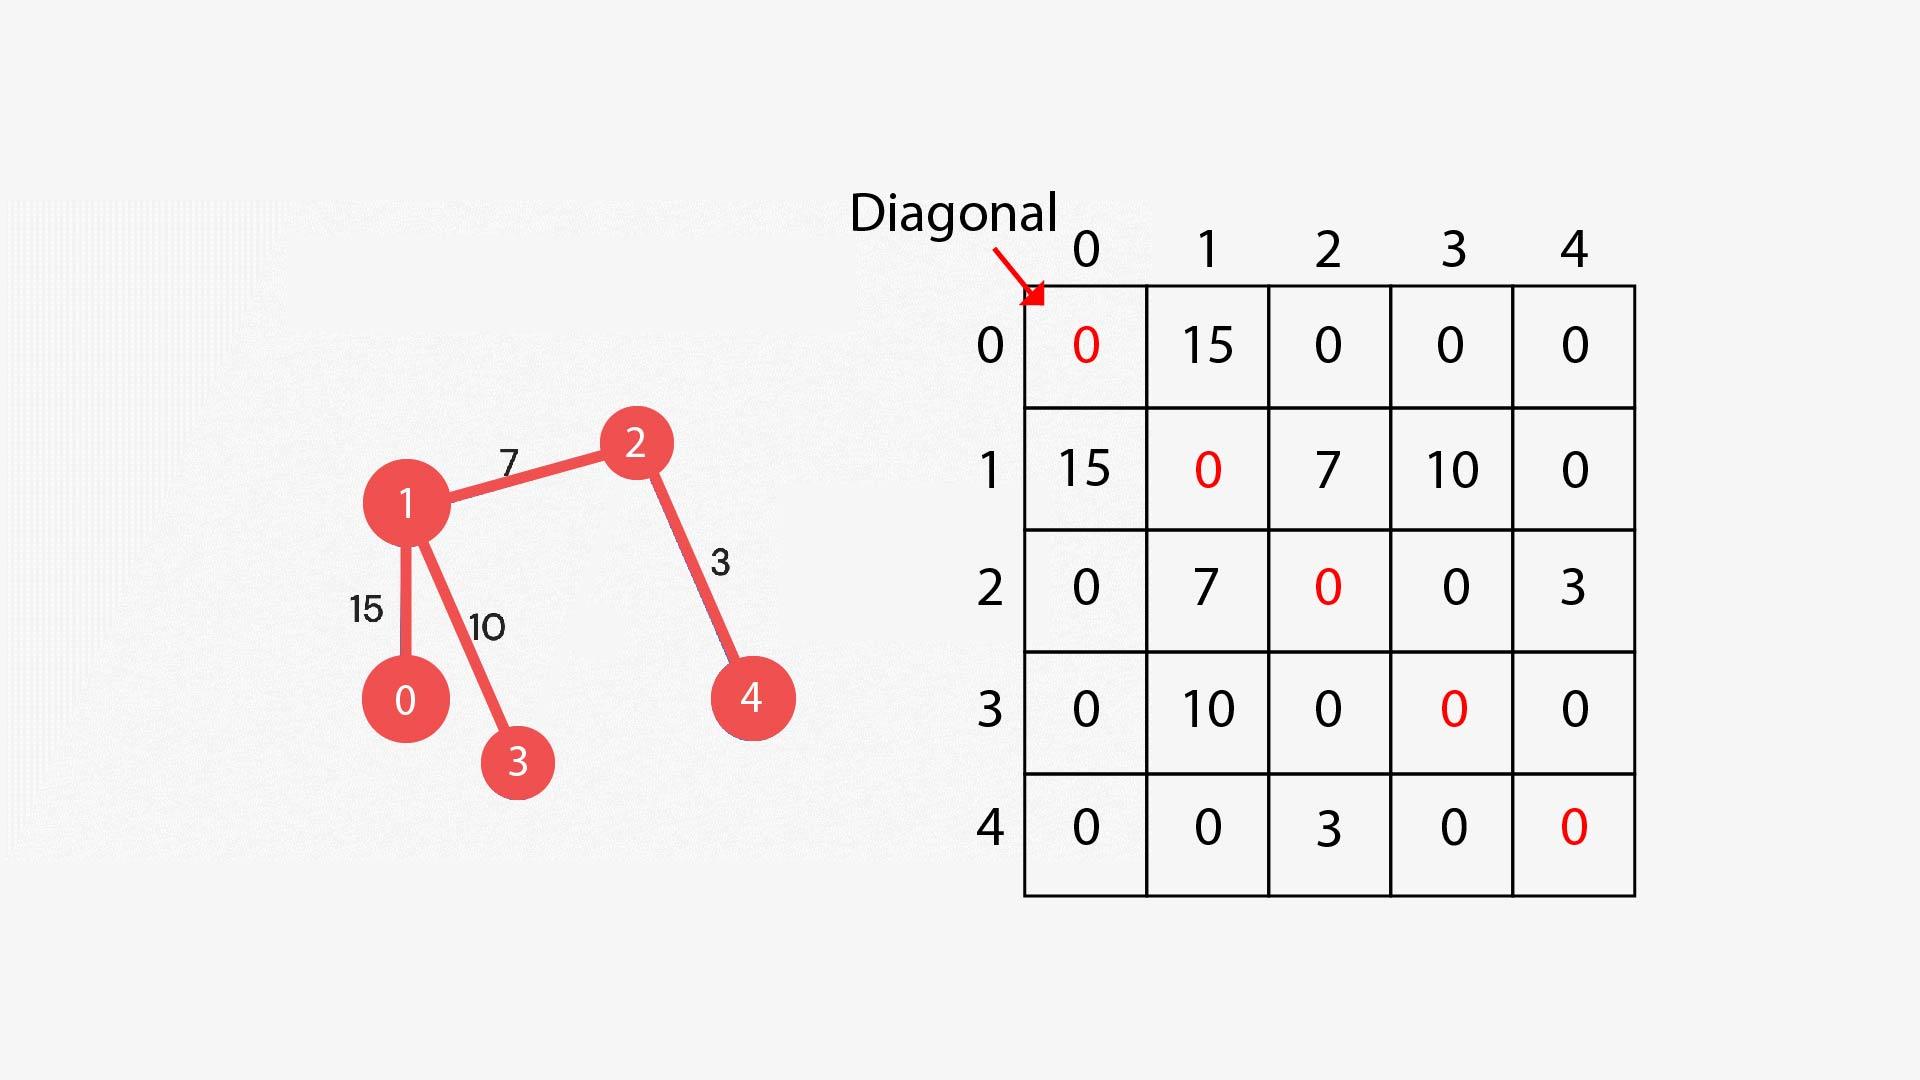 prim's algorithm output